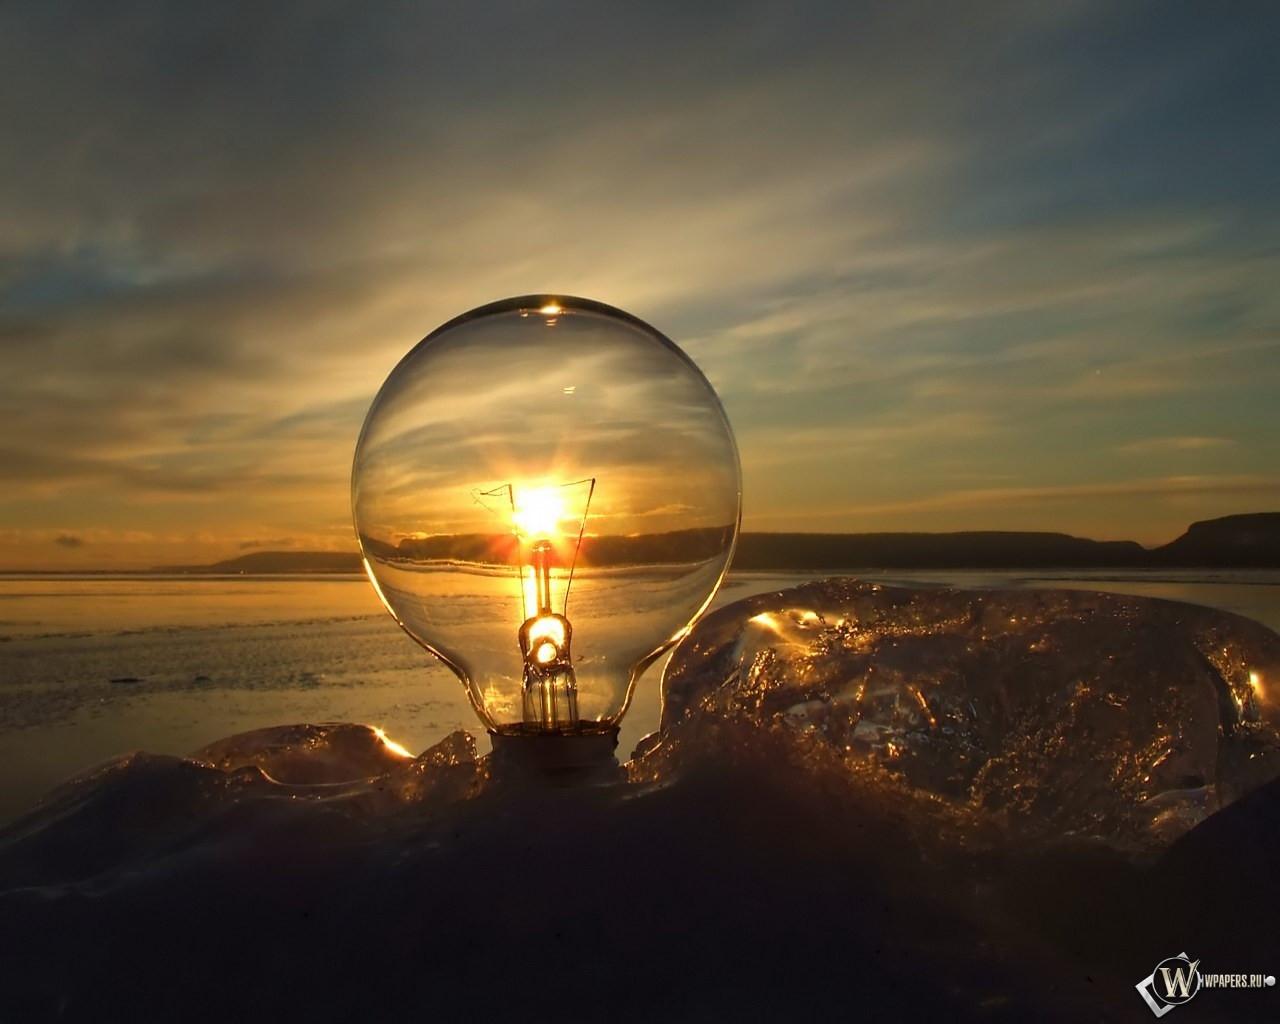 Солнечная лампа 1280x1024